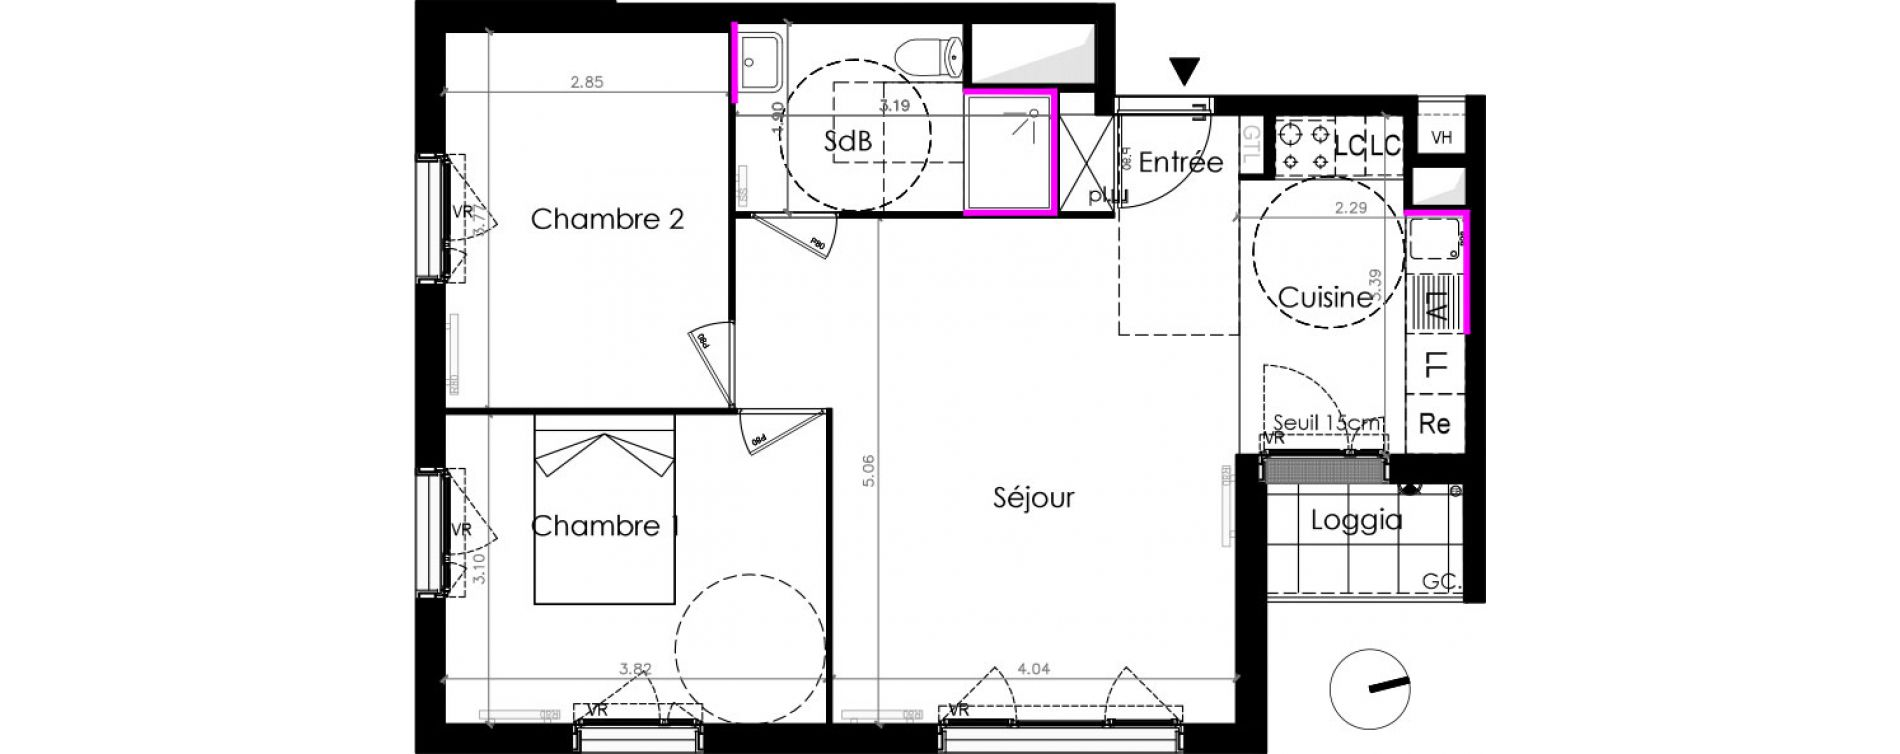 Appartement T3 de 59,10 m2 aux Mureaux Les mureaux centre ville